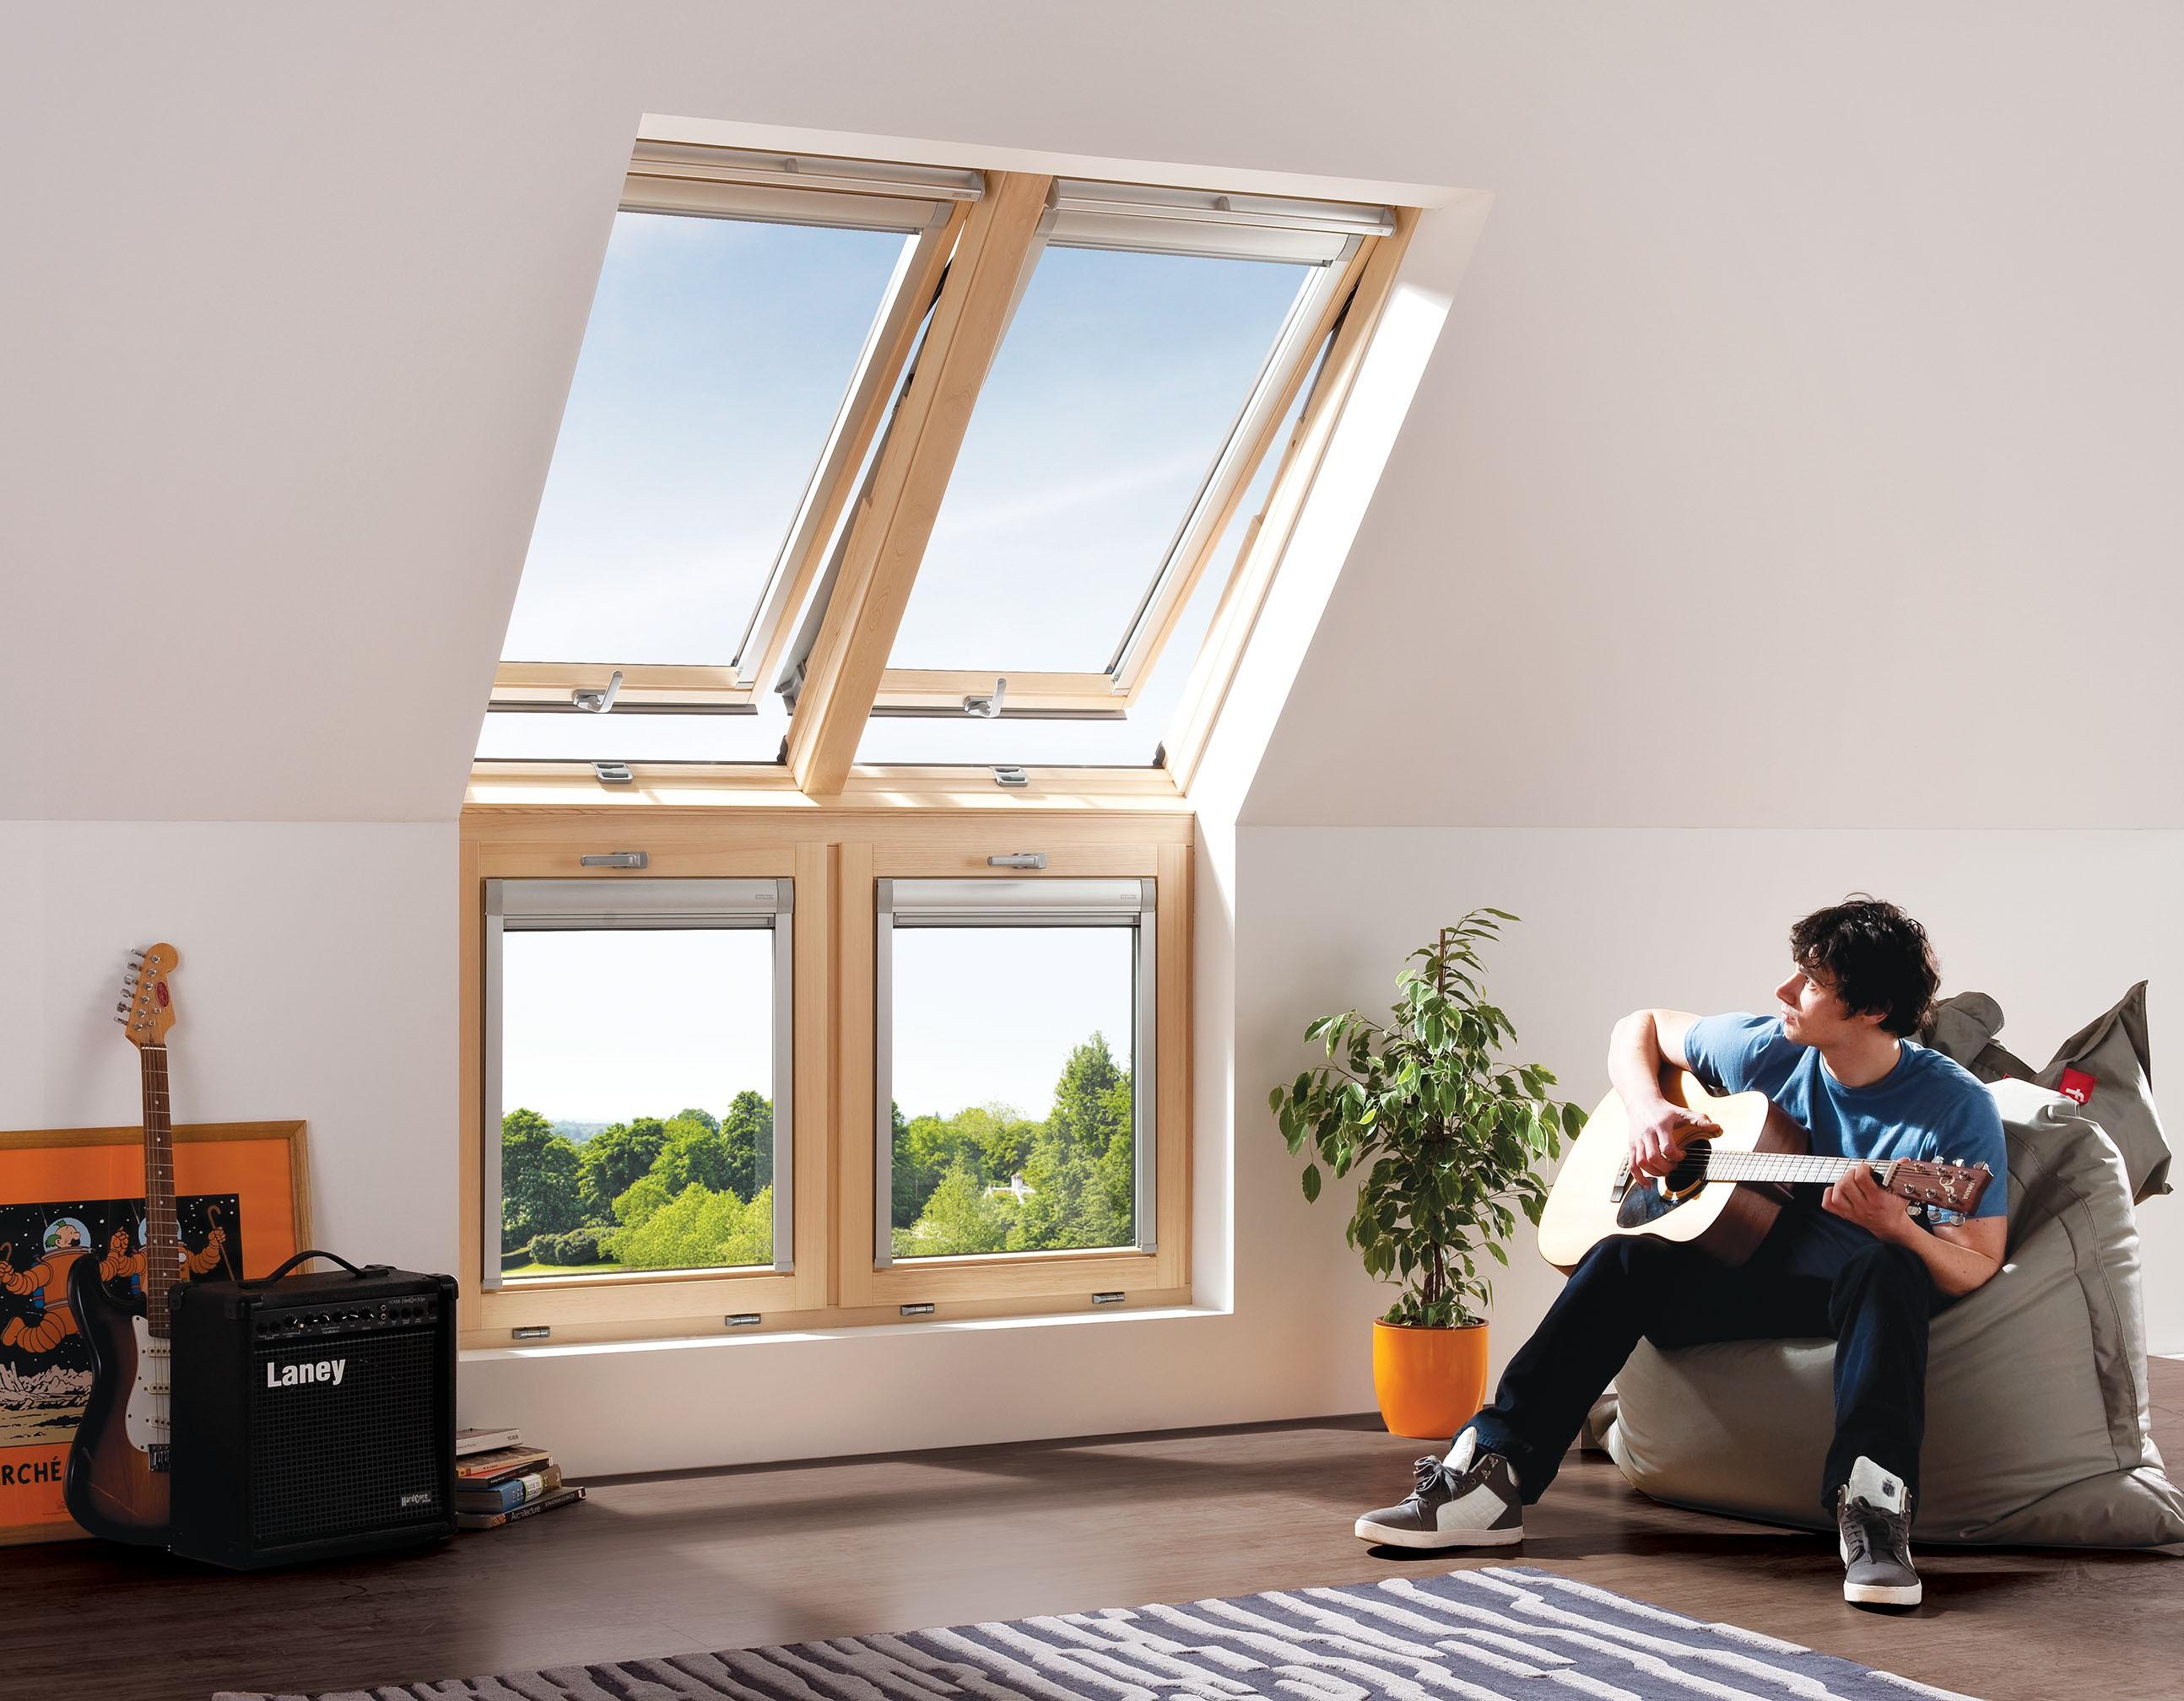 KEYLITE - Vertical Bi-Lite Window System